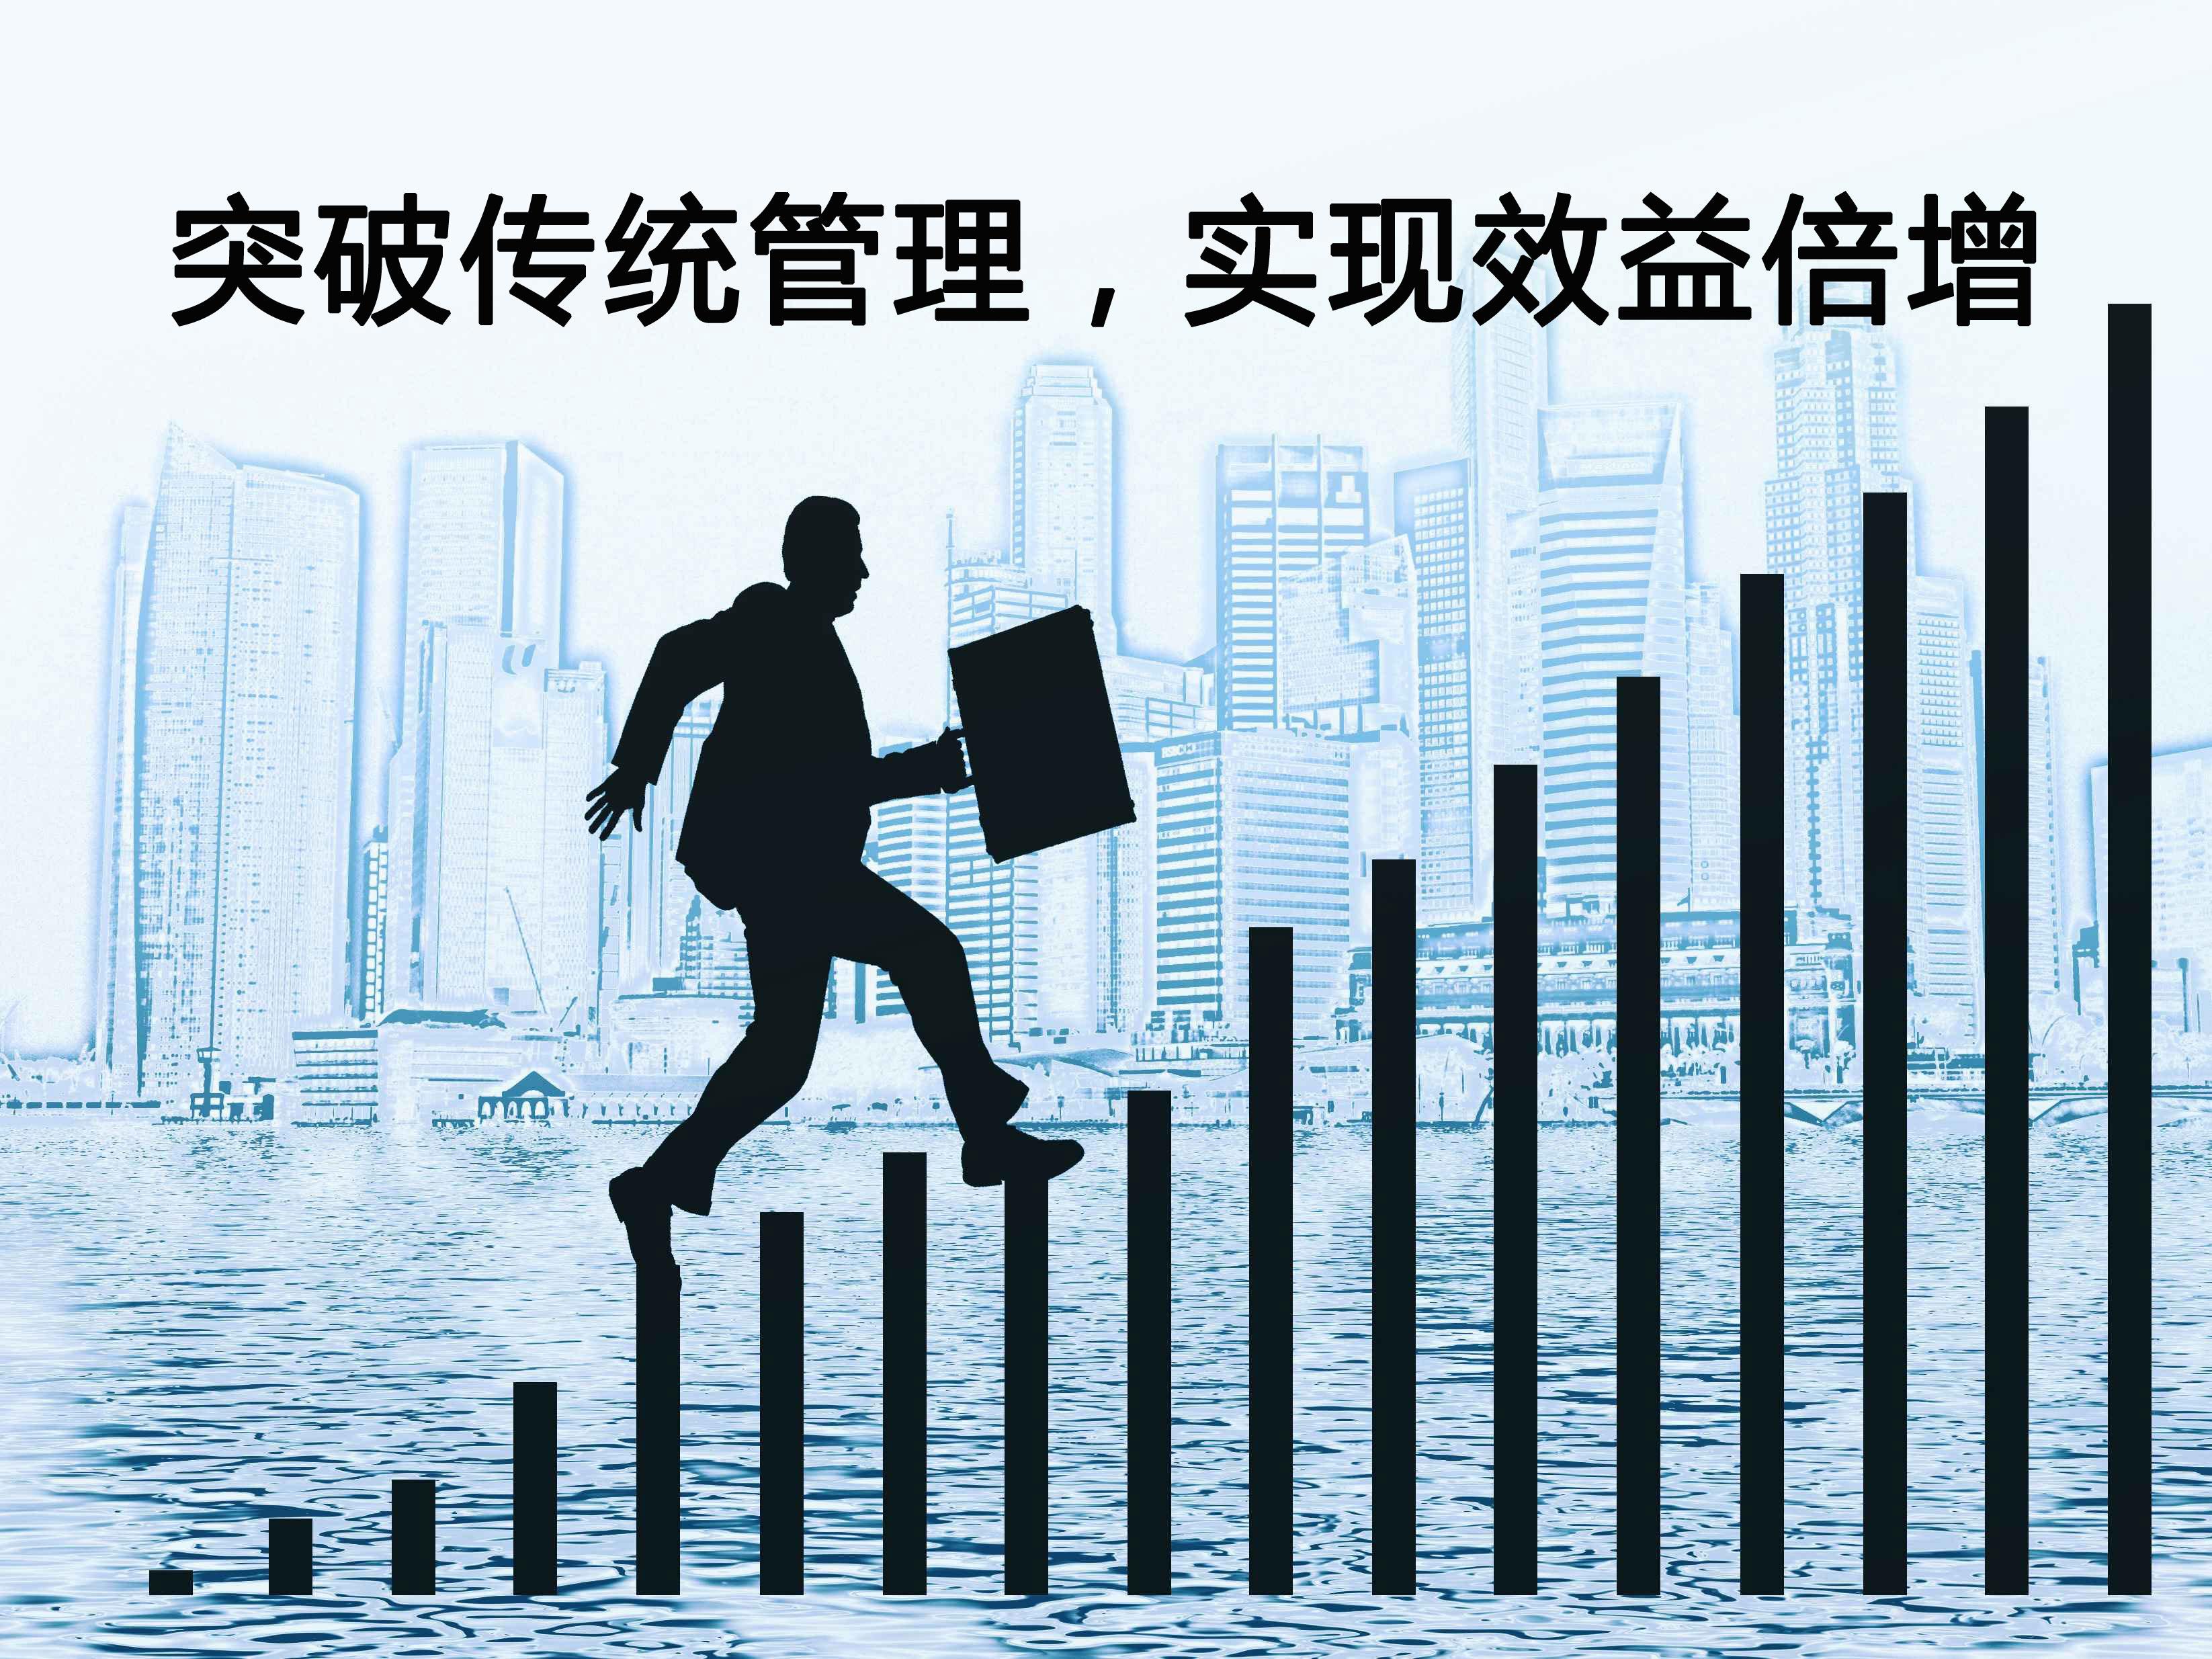 李建哲:突破传统管理,实现效益倍增